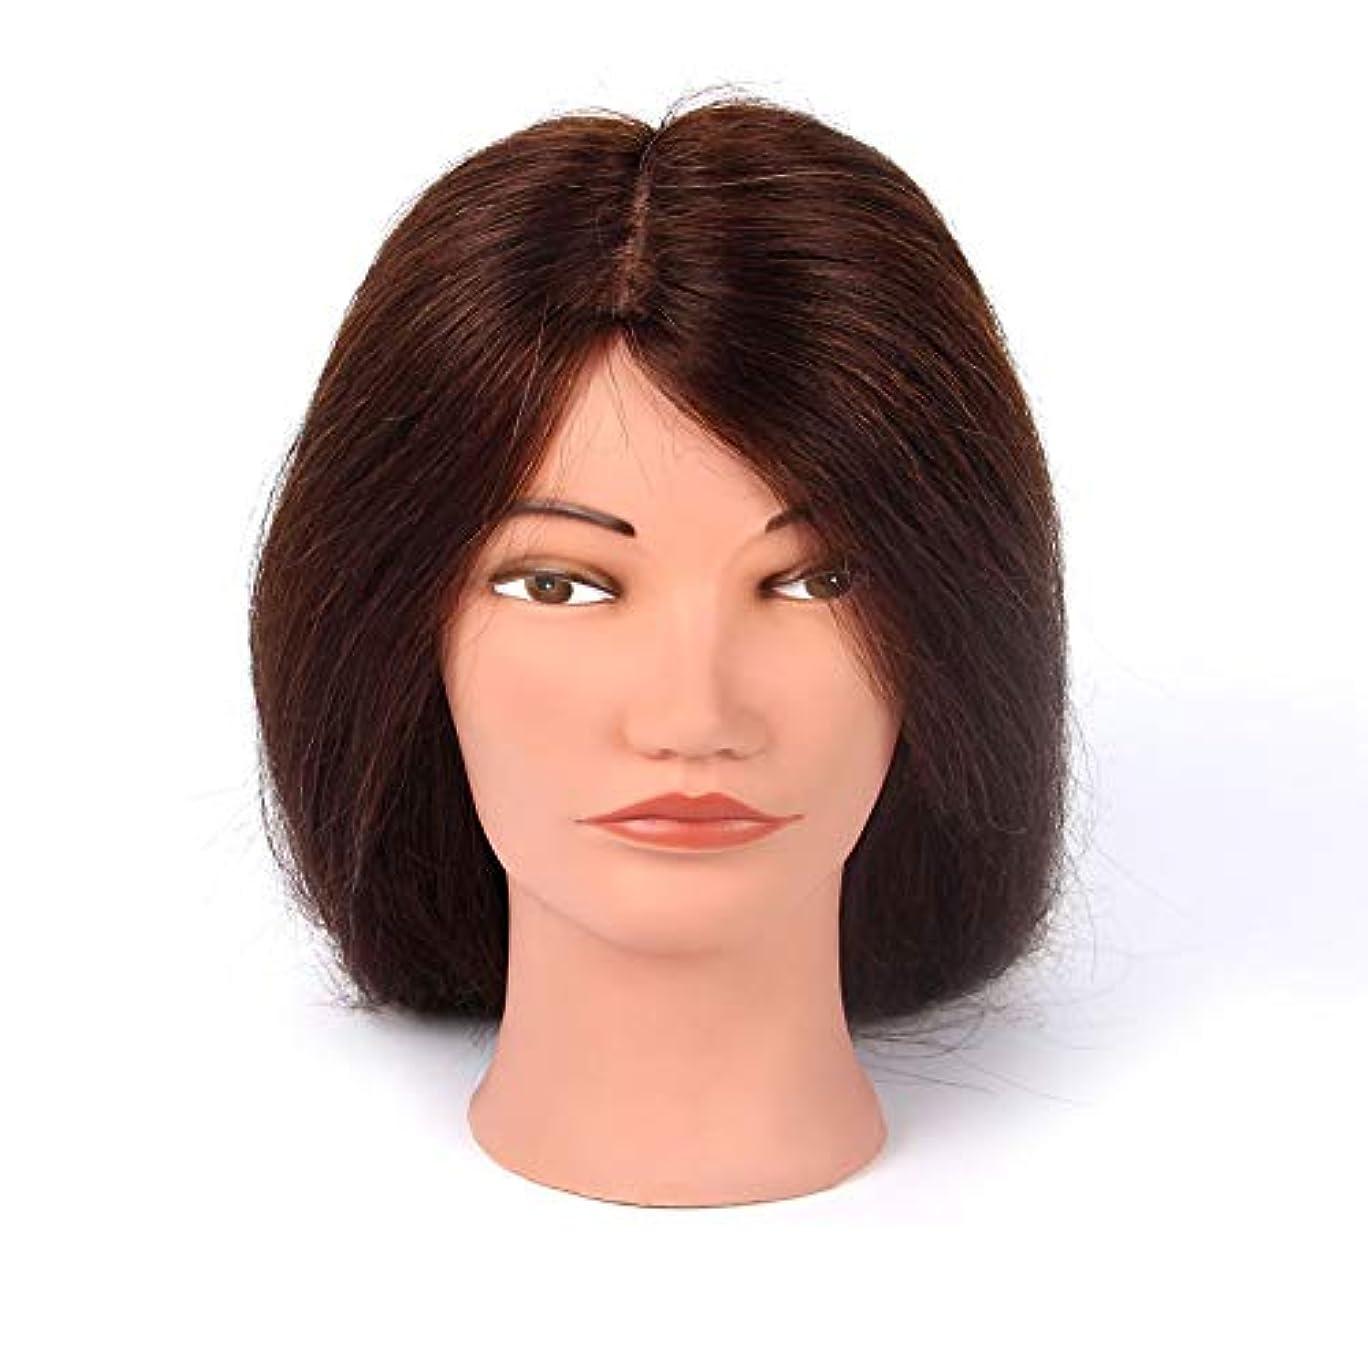 理髪練習ヘッド吹くホットロールダミーヘッドパーマ髪の染め指導ヘッドメイクアップヘアスタイリングモデルヘッド